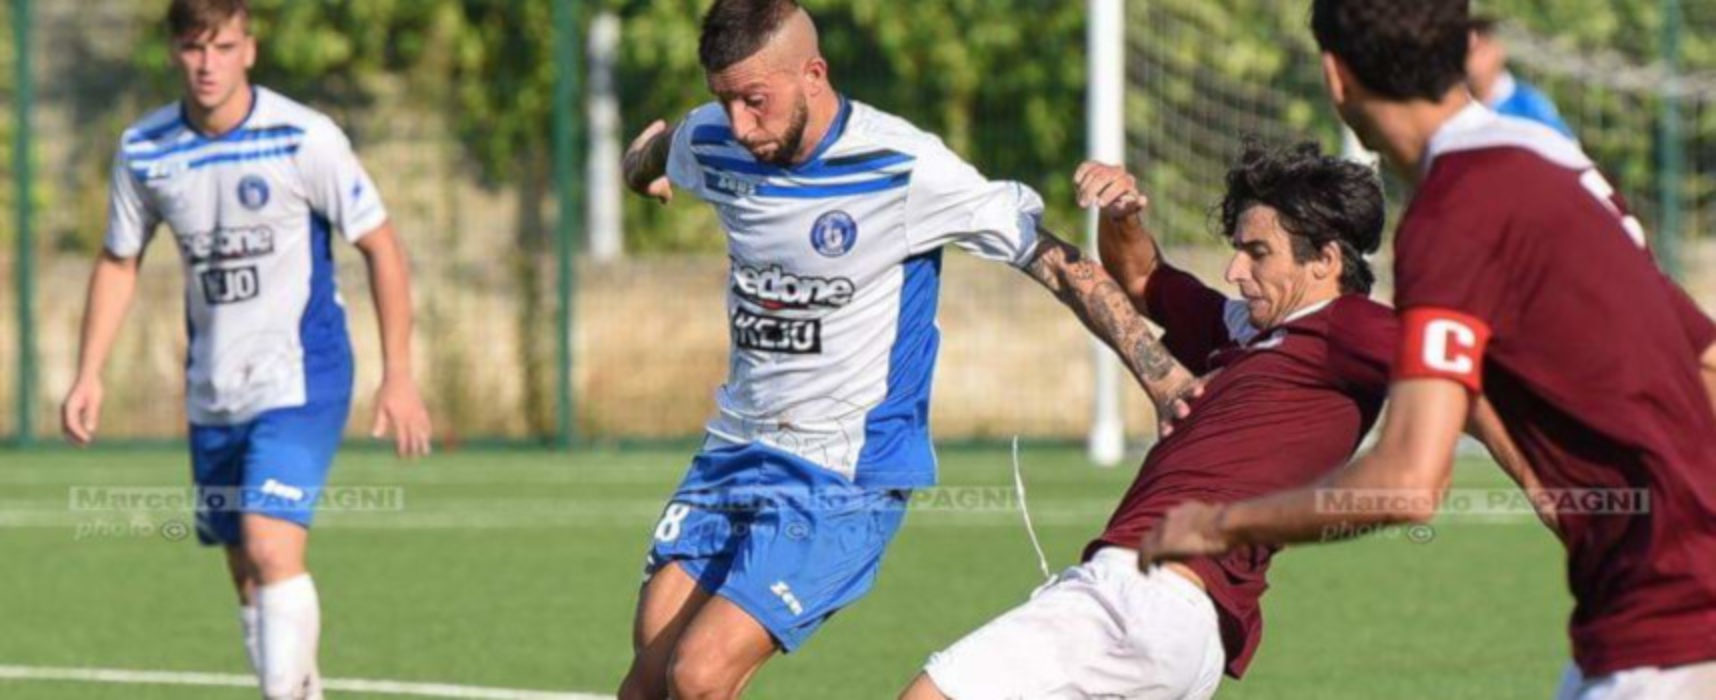 Al via il campionato di Eccellenza: Unione Calcio ospite del San Marco